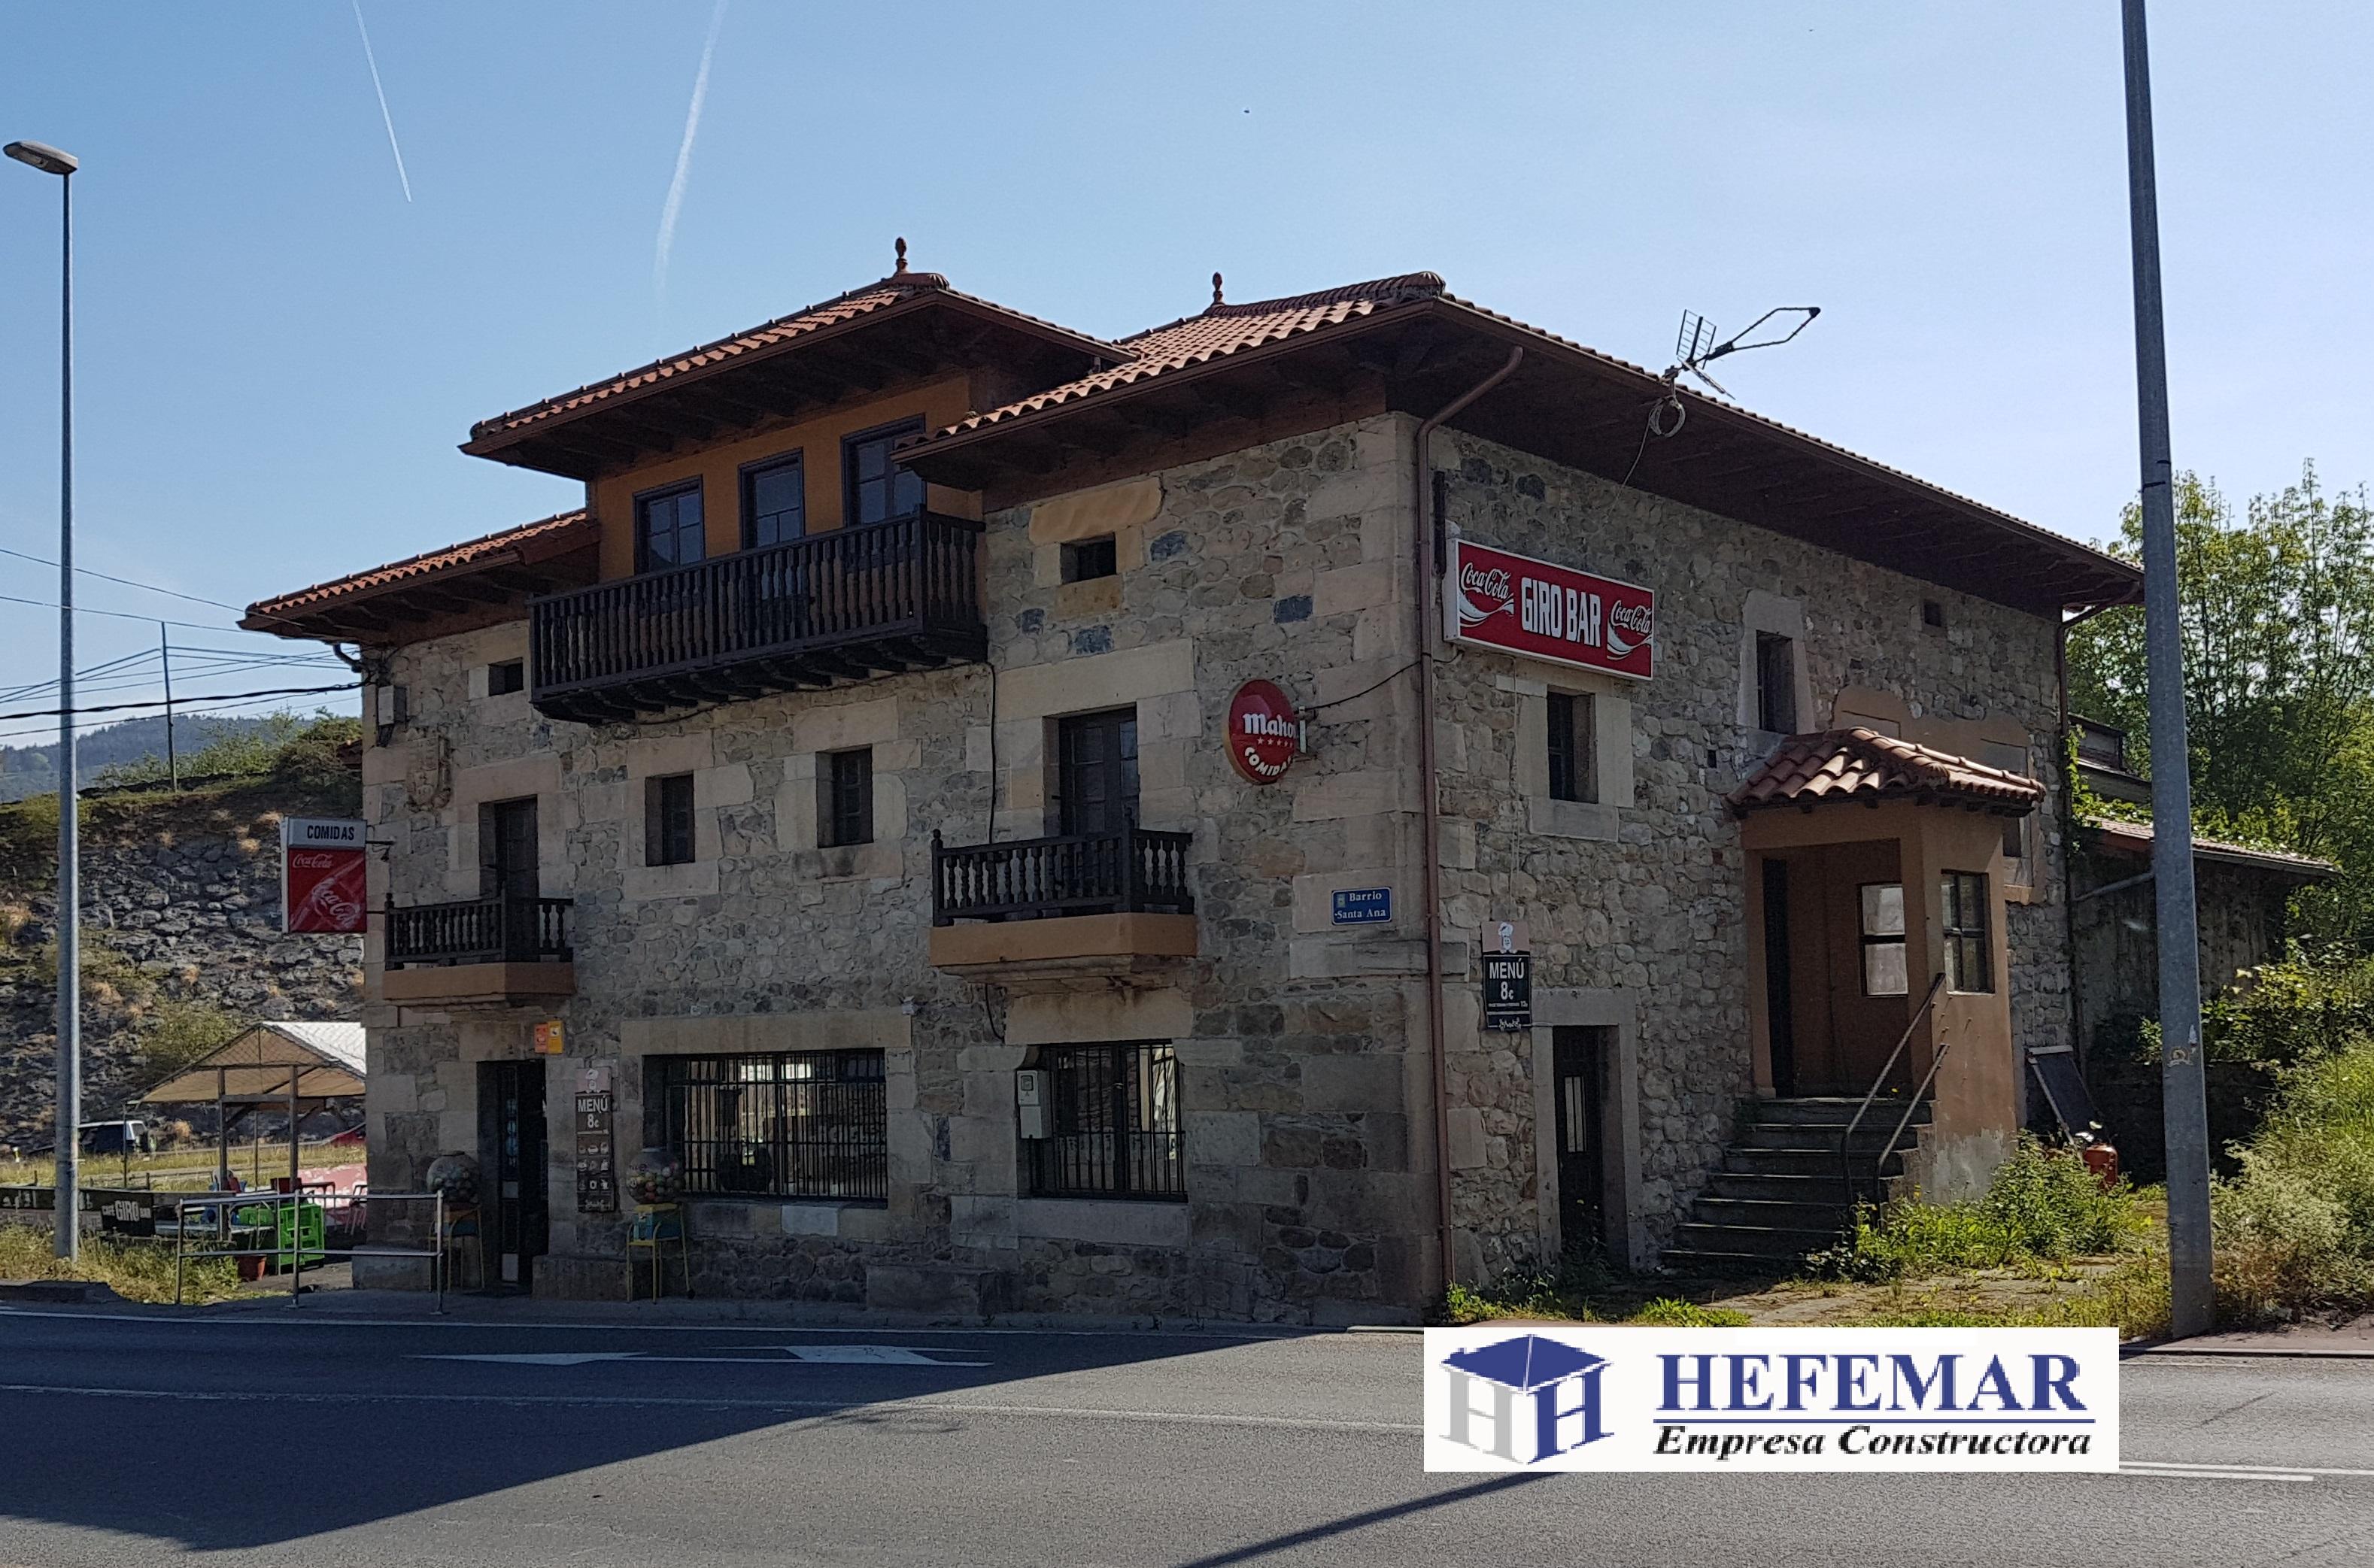 Rehabilitacion casas antiguas en cantabria hefemar - Rehabilitacion de casas antiguas ...